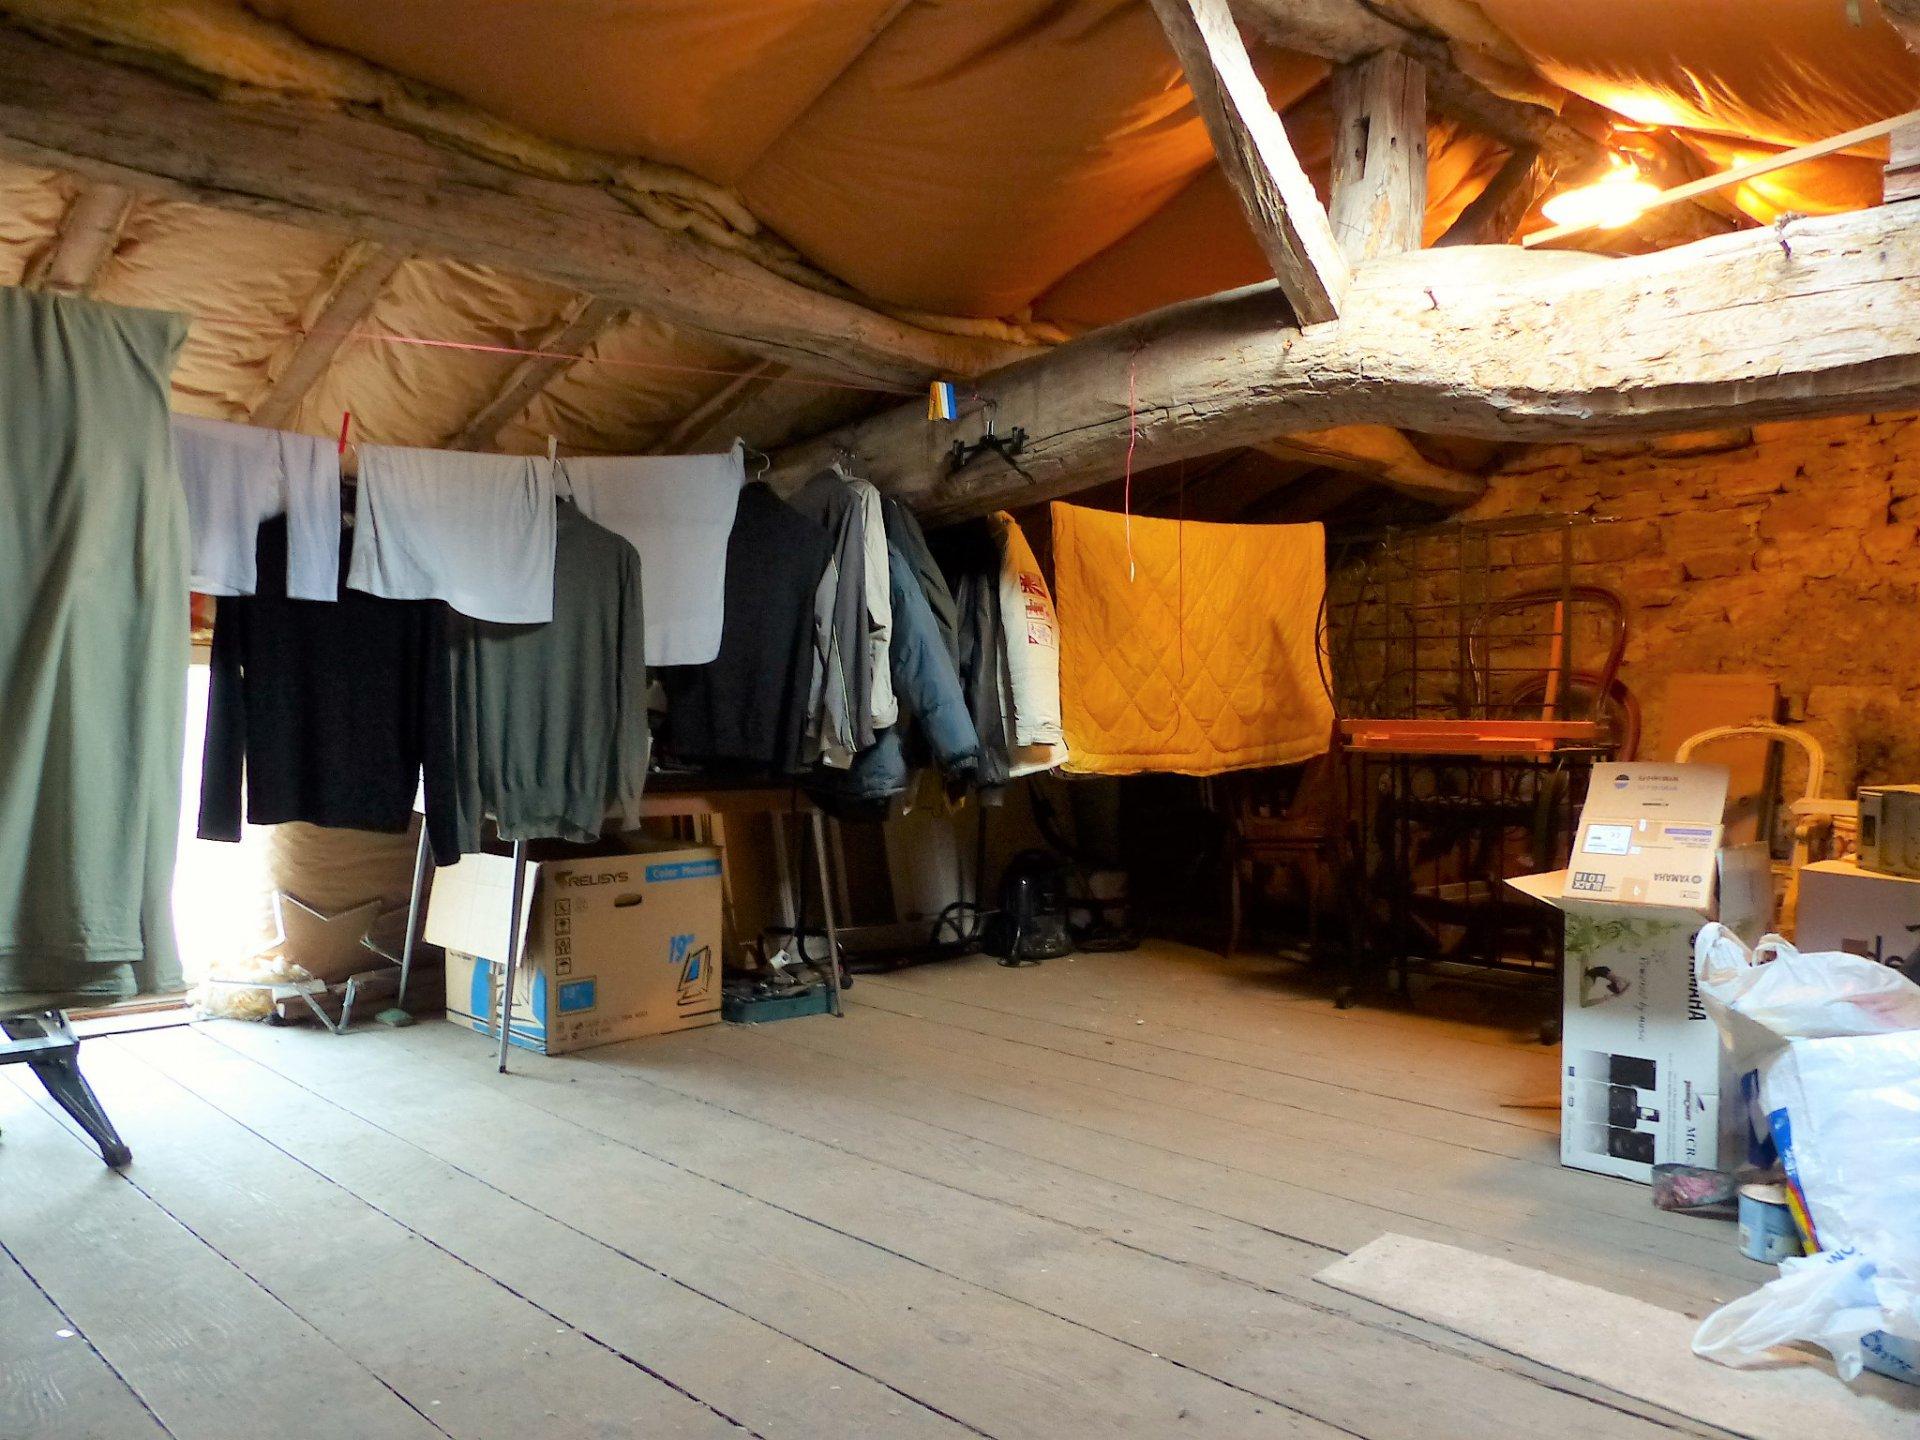 Belle opportunité à saisir, à 15 mn de Mâcon, au sein du joli village de Verzé, idéal pour 1er achat ou investissement! Maison de village rénovée en 2005, d'une surface d'environ 90 m² habitable, composée d'une pièce de vie avec cuisine équipée en rez de chaussée, salle de bain ainsi que de deux chambres ( 11 et 19 m² ) à l'étage avec wc et point d'eau.  Le plus: un grenier aménageable d'environ 40 m², avec une fenêtre double vitrage déjà posée et un velux (possibilité d'aménagement). Très bon rapport qualité / prix, avec le potentiel en plus ! Honoraires à charge vendeurs.